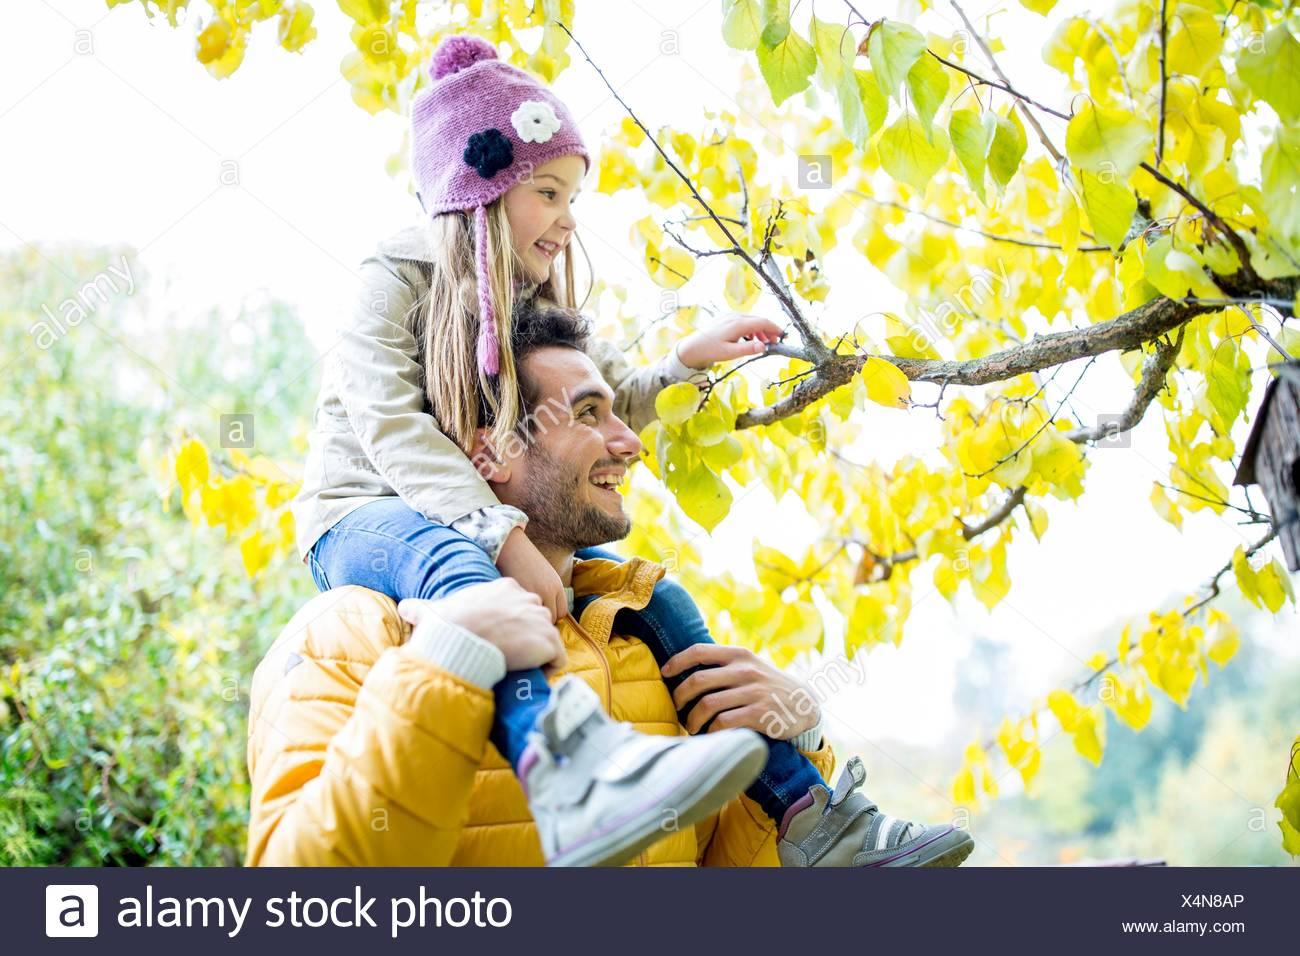 Parution du modèle. Père fille portant sur les épaules et à la direction générale à l'automne. Photo Stock